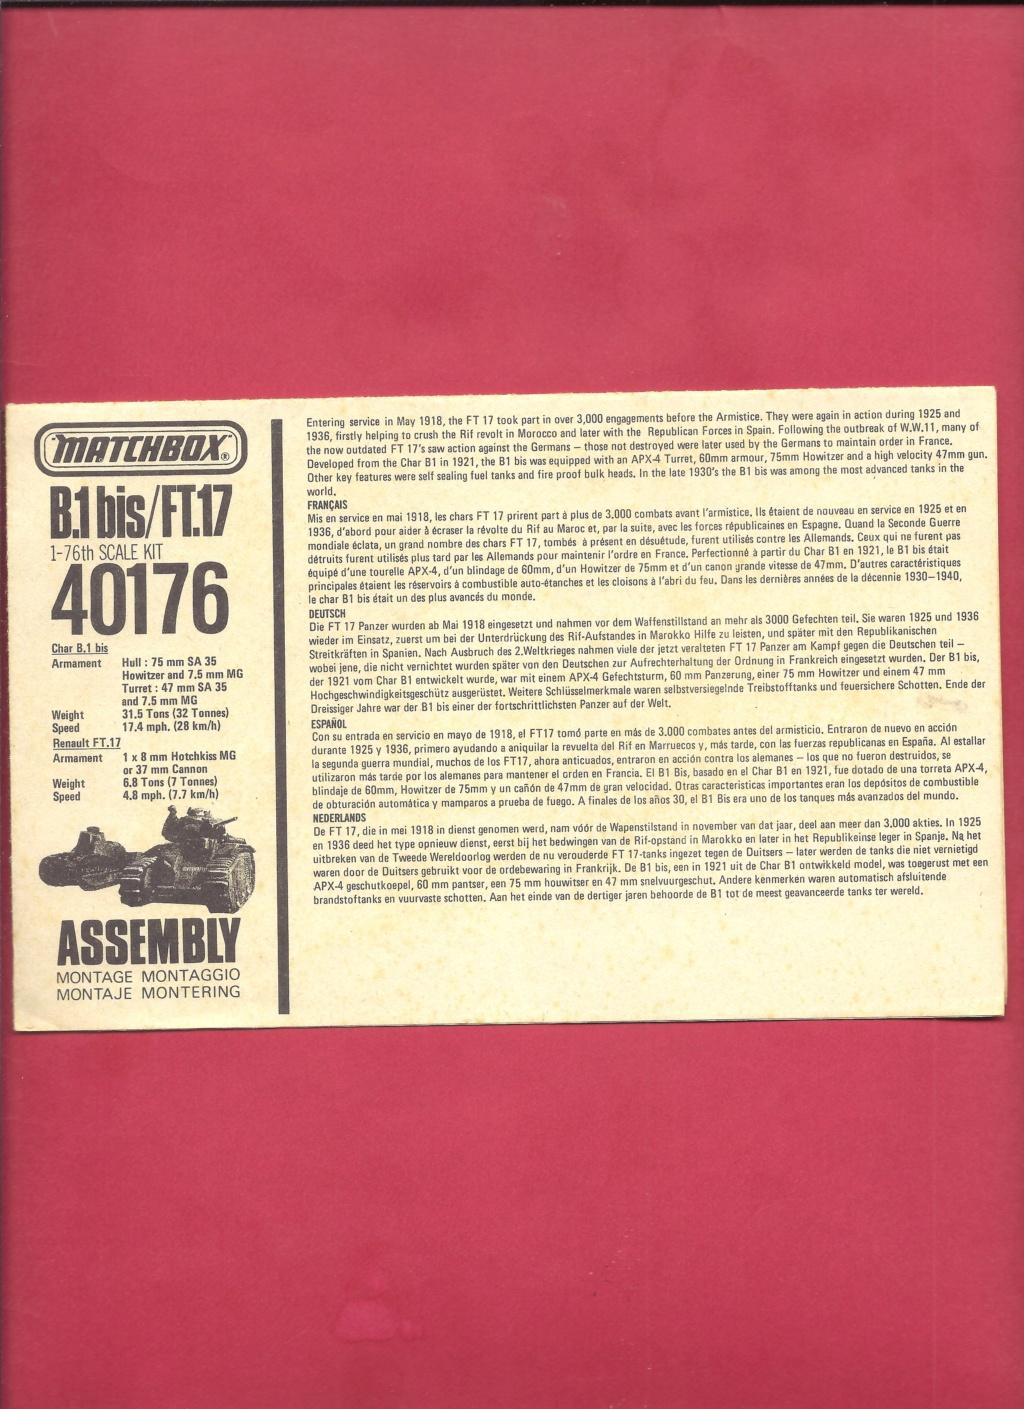 [MATCHBOX] Char B.1 bis et RENAULT FT 17 1/76ème Réf 40176 Notice Matchb23